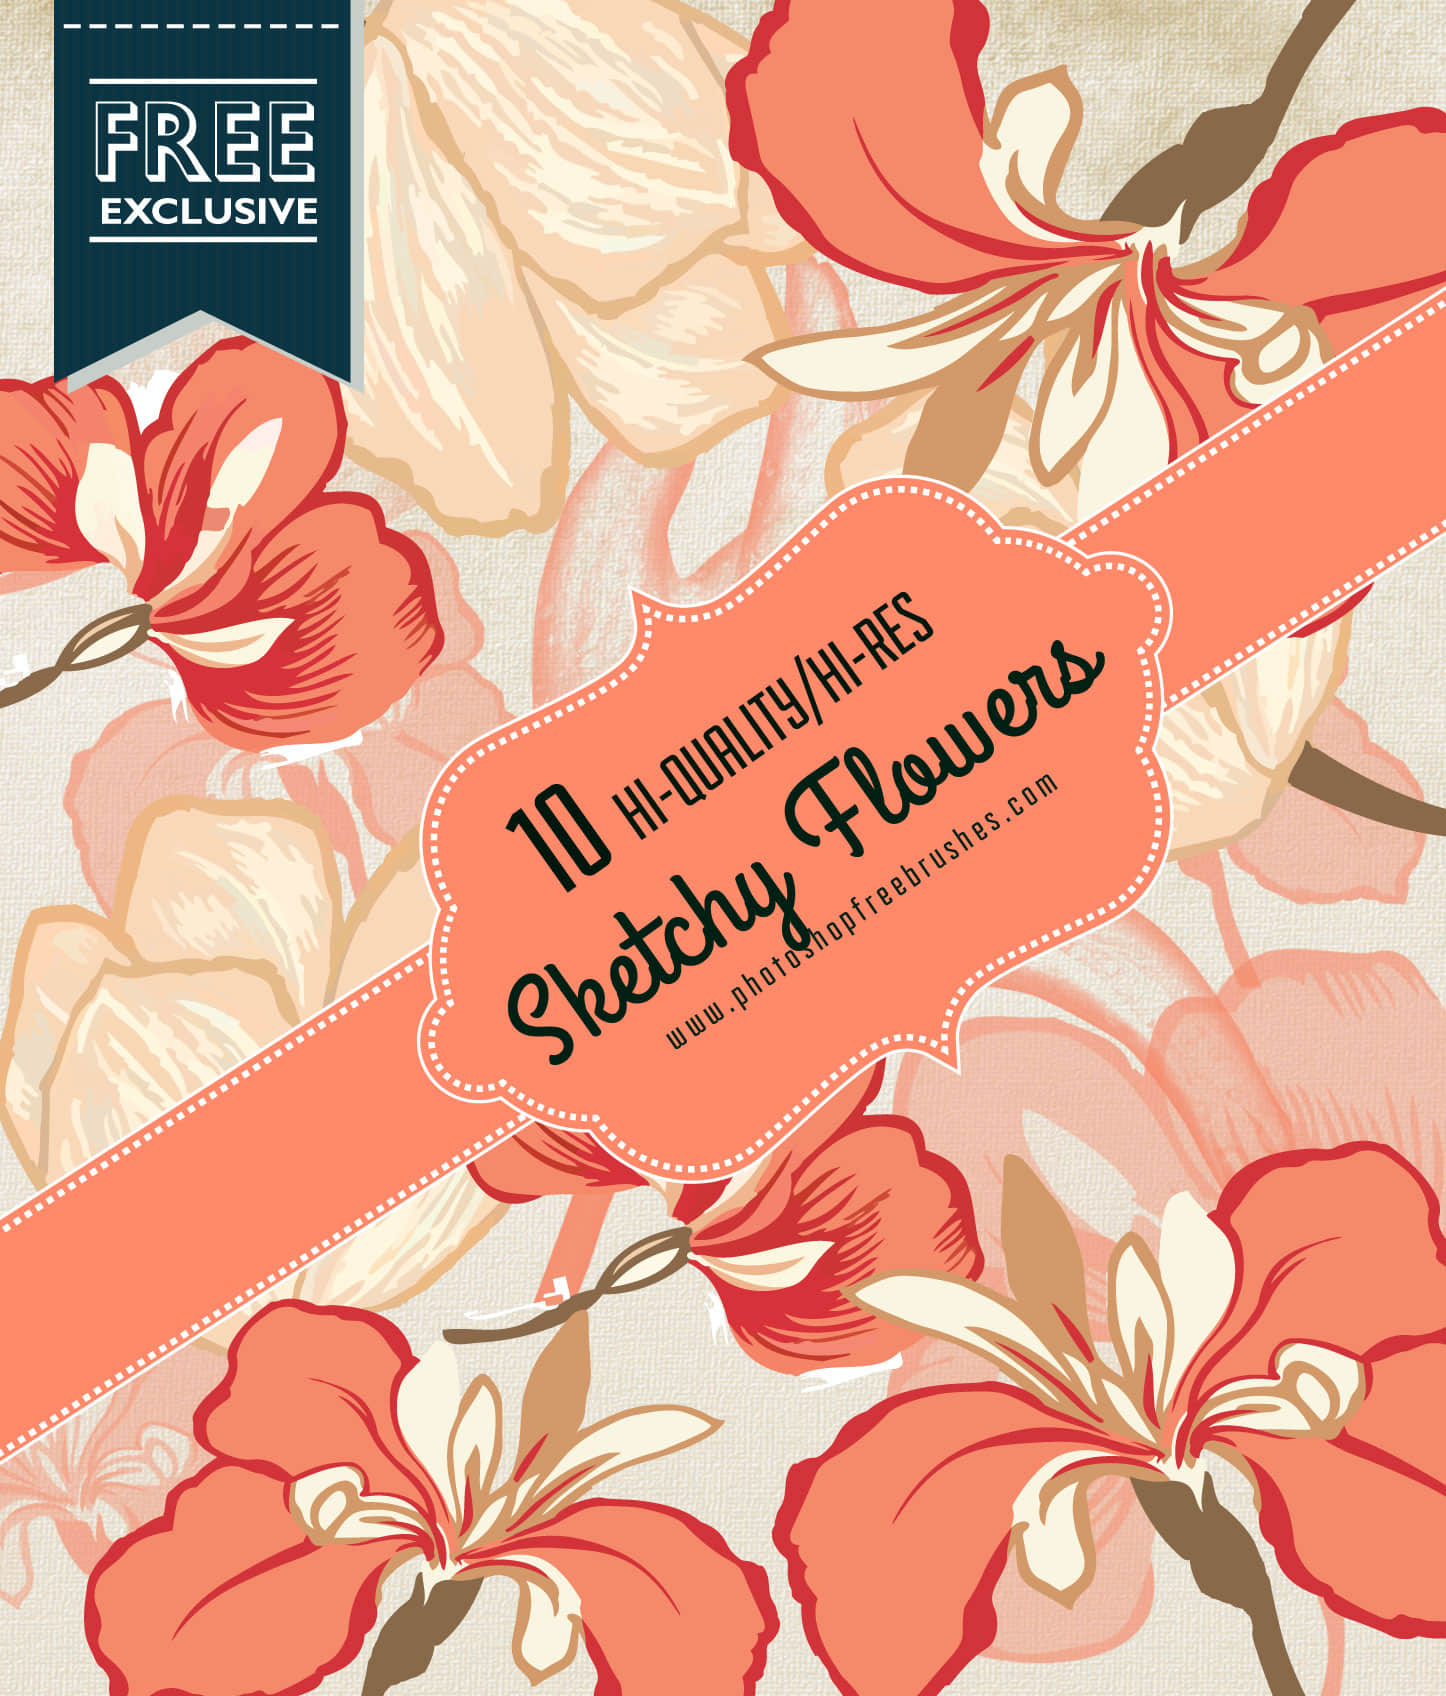 手绘鲜花图案、花卉图像Photoshop笔刷素材 花卉笔刷s 手绘鲜花笔刷  flowers brushes